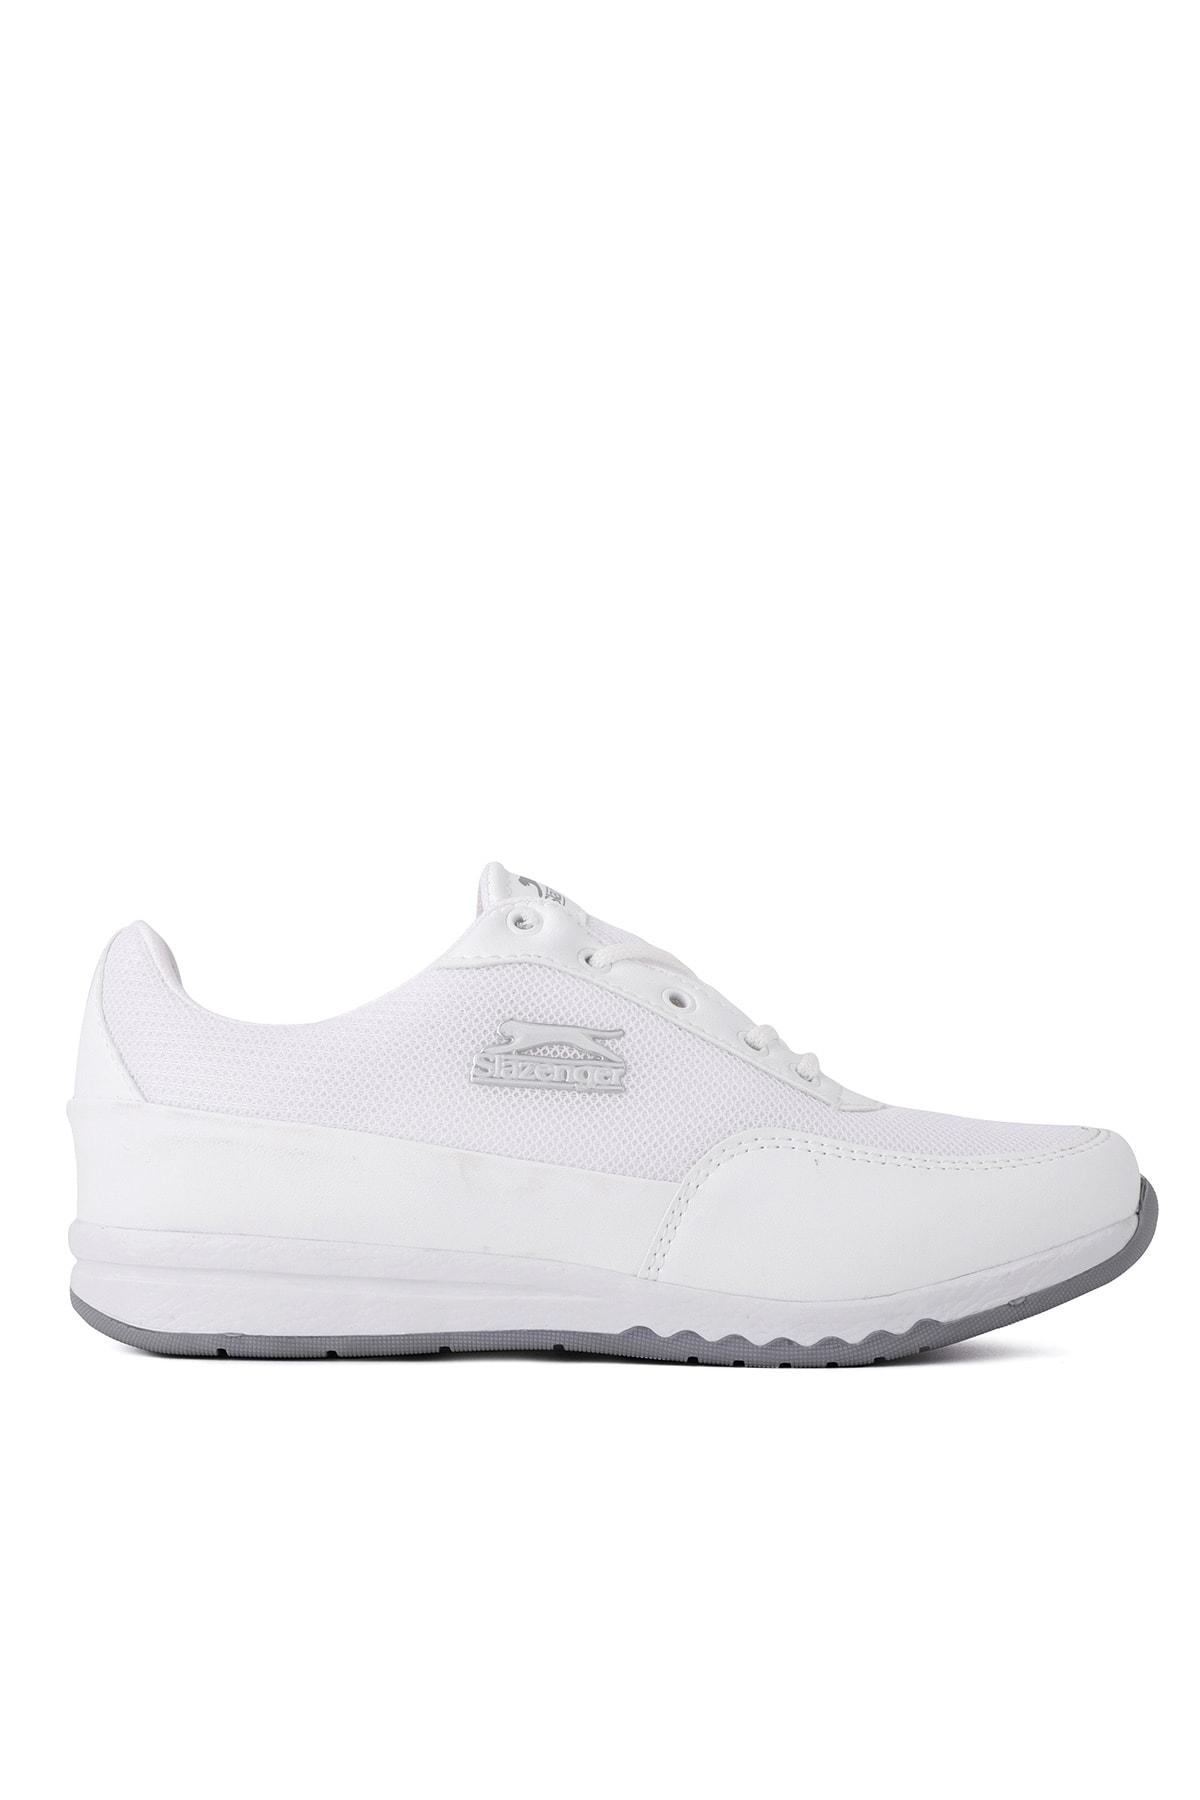 Slazenger Kadın Beyaz Angle Ayakkabı 1